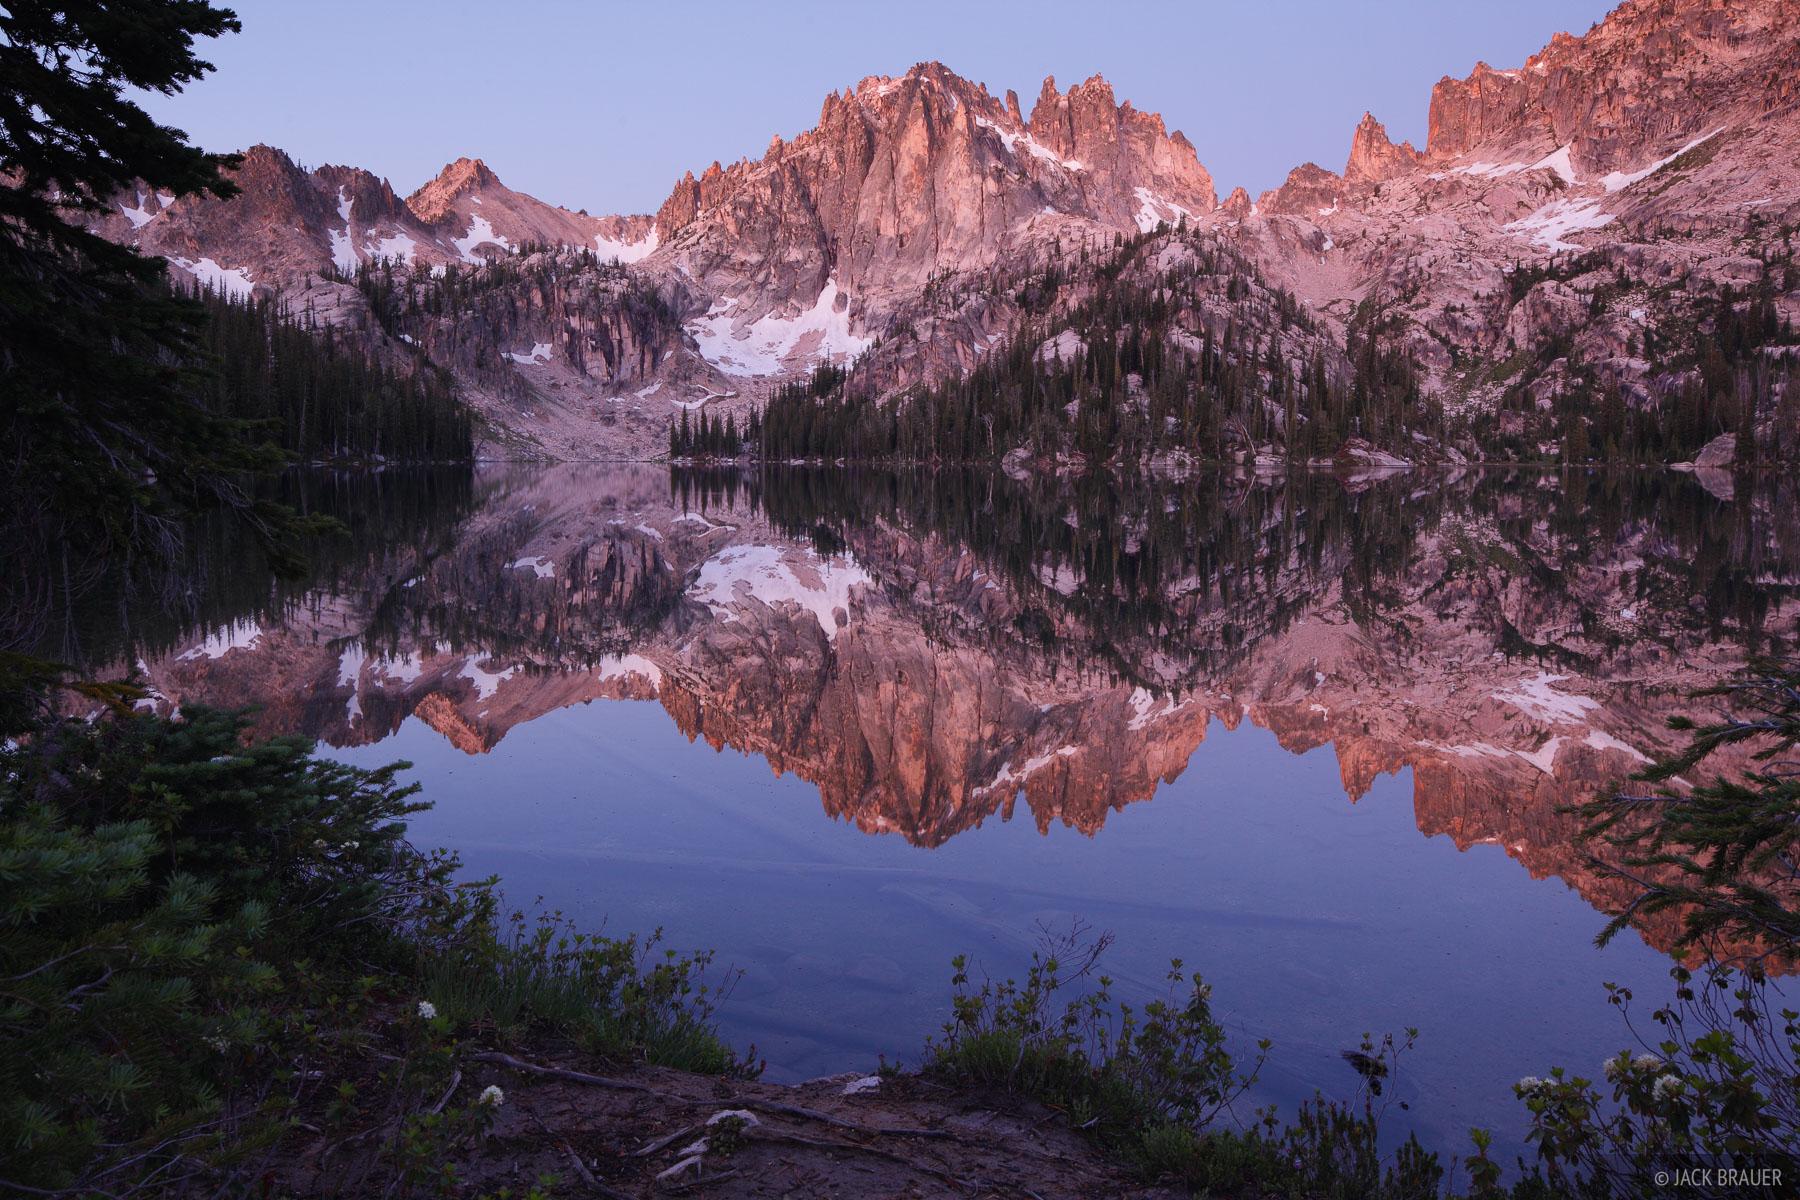 Monte Verita, Baron Lake, Sawtooth Mountains, Idaho, photo